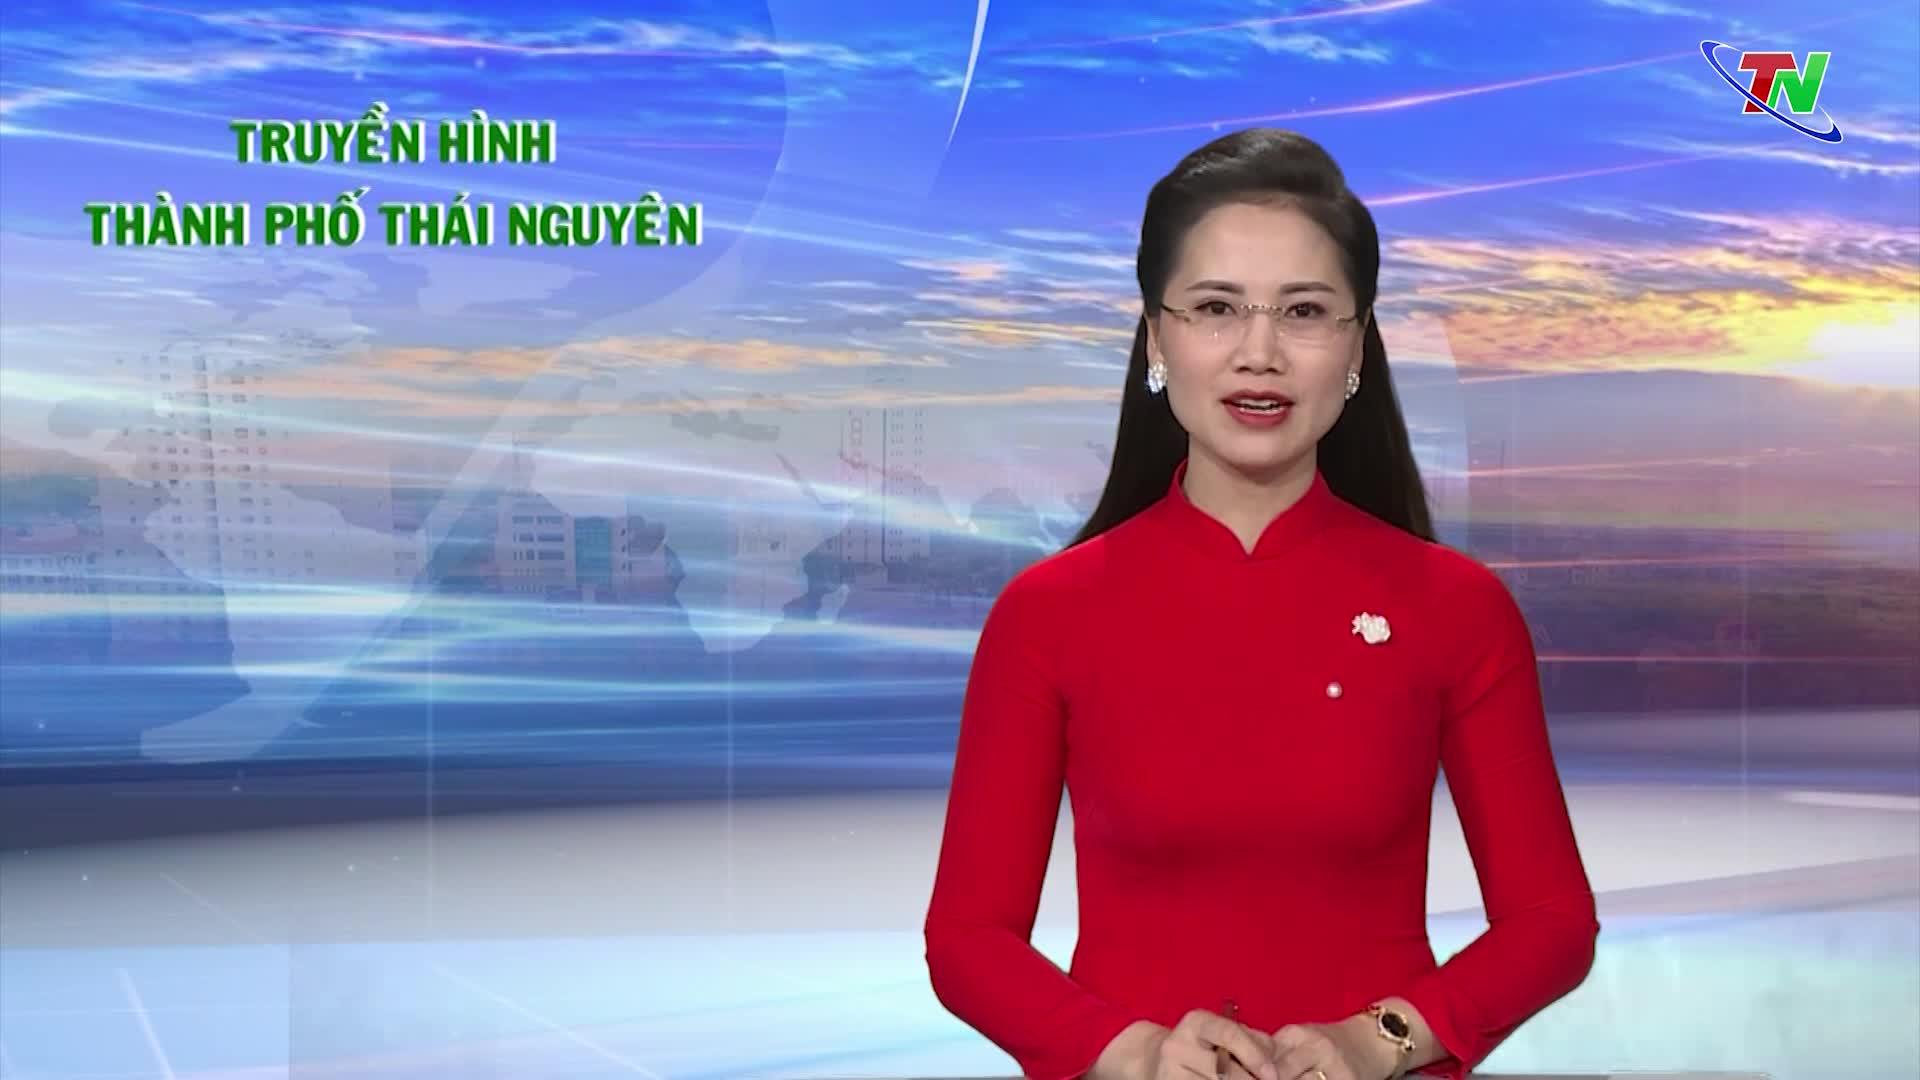 Chương trình Truyền hình thành phố Thái Nguyên ngày 13/6/2020